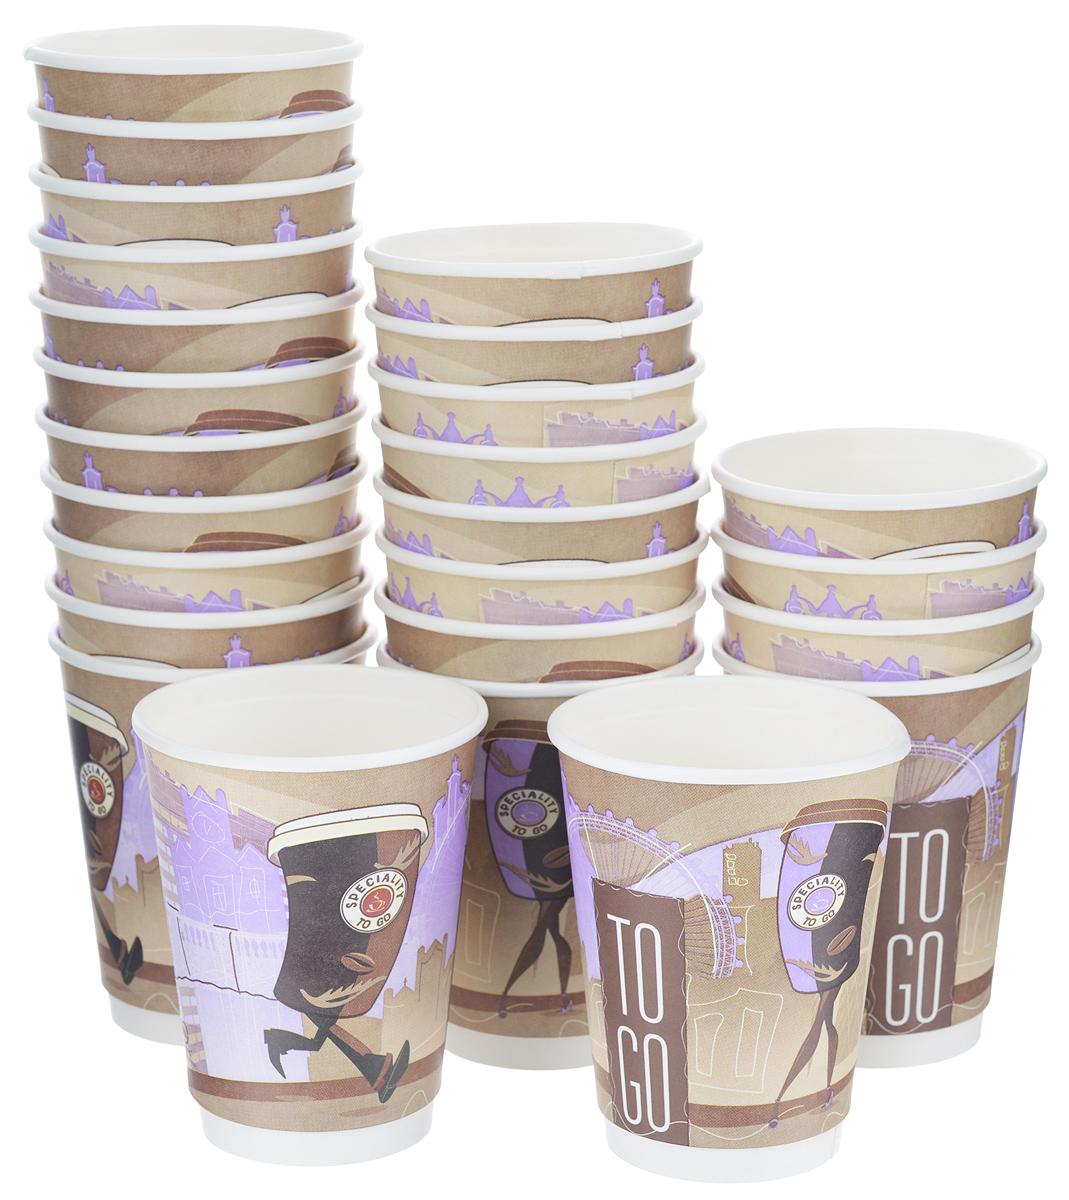 Набор одноразовых стаканов Huhtamaki Coffee Break, 300 мл, 25 штПОС26397Одноразовые стаканы Huhtamaki Coffee Break изготовлены из плотной бумаги и оформлены оригинальным рисунком. Изделия предназначены для подачи различных напитков. Вы можете взять их с собой на природу, в парк, на пикник и наслаждаться вкусными напитками. Несмотря на то, что стаканы бумажные, они очень прочные и не промокают. Диаметр стакана (по верхнему краю): 9 см.Высота стакана: 11 см.